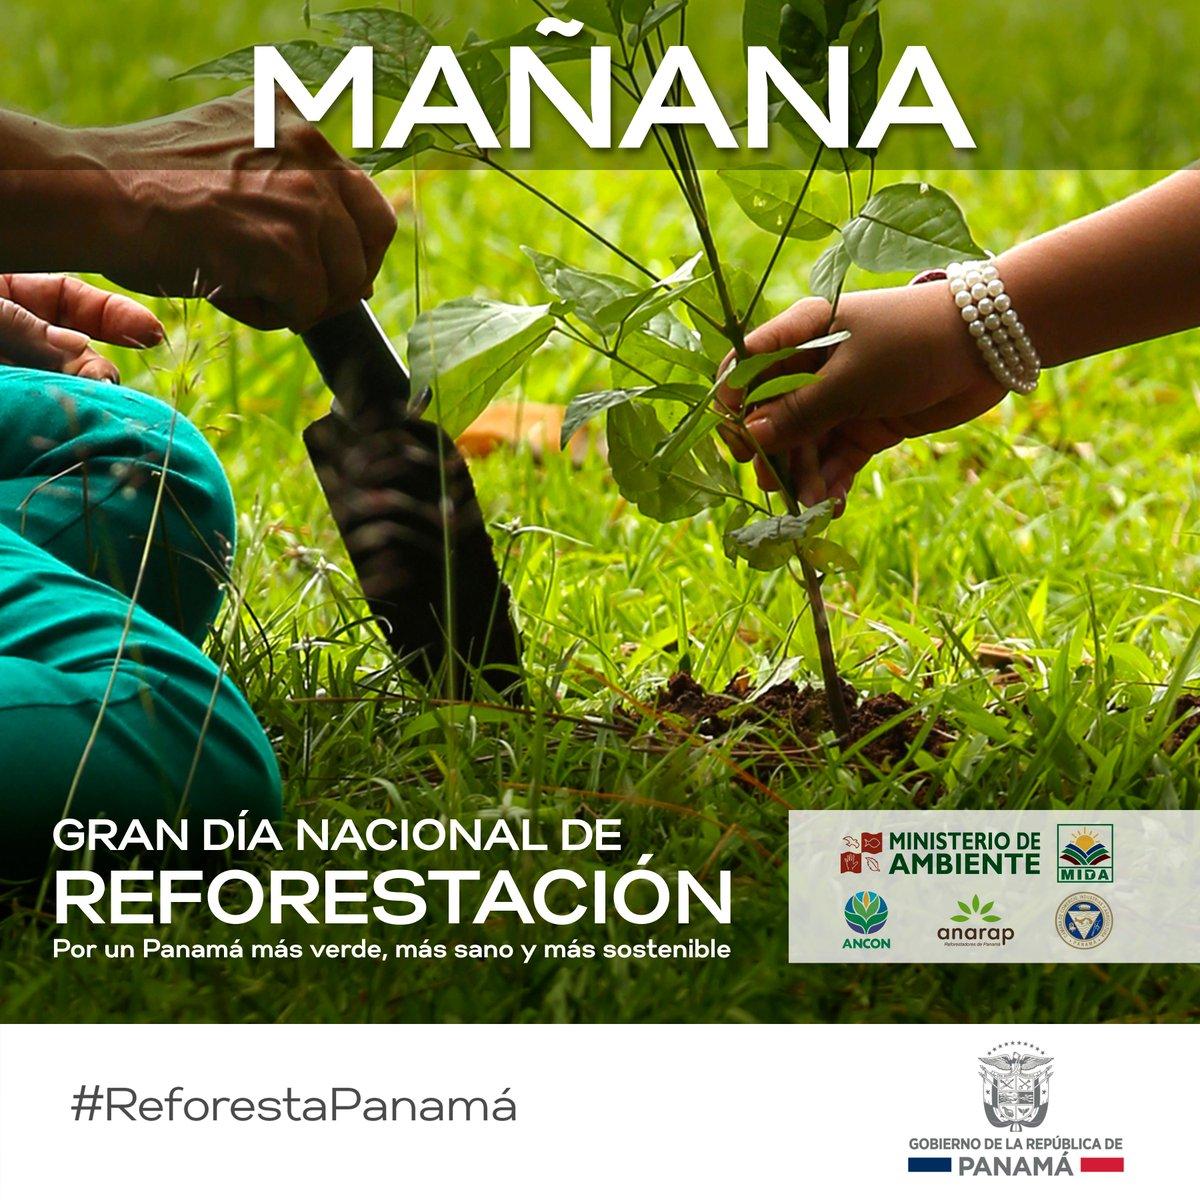 Reforestemos por el futuro de nuestro medio ambiente, nuestro hogar.  #ReforestaPanamá http://t.co/GsfCzTkjG7